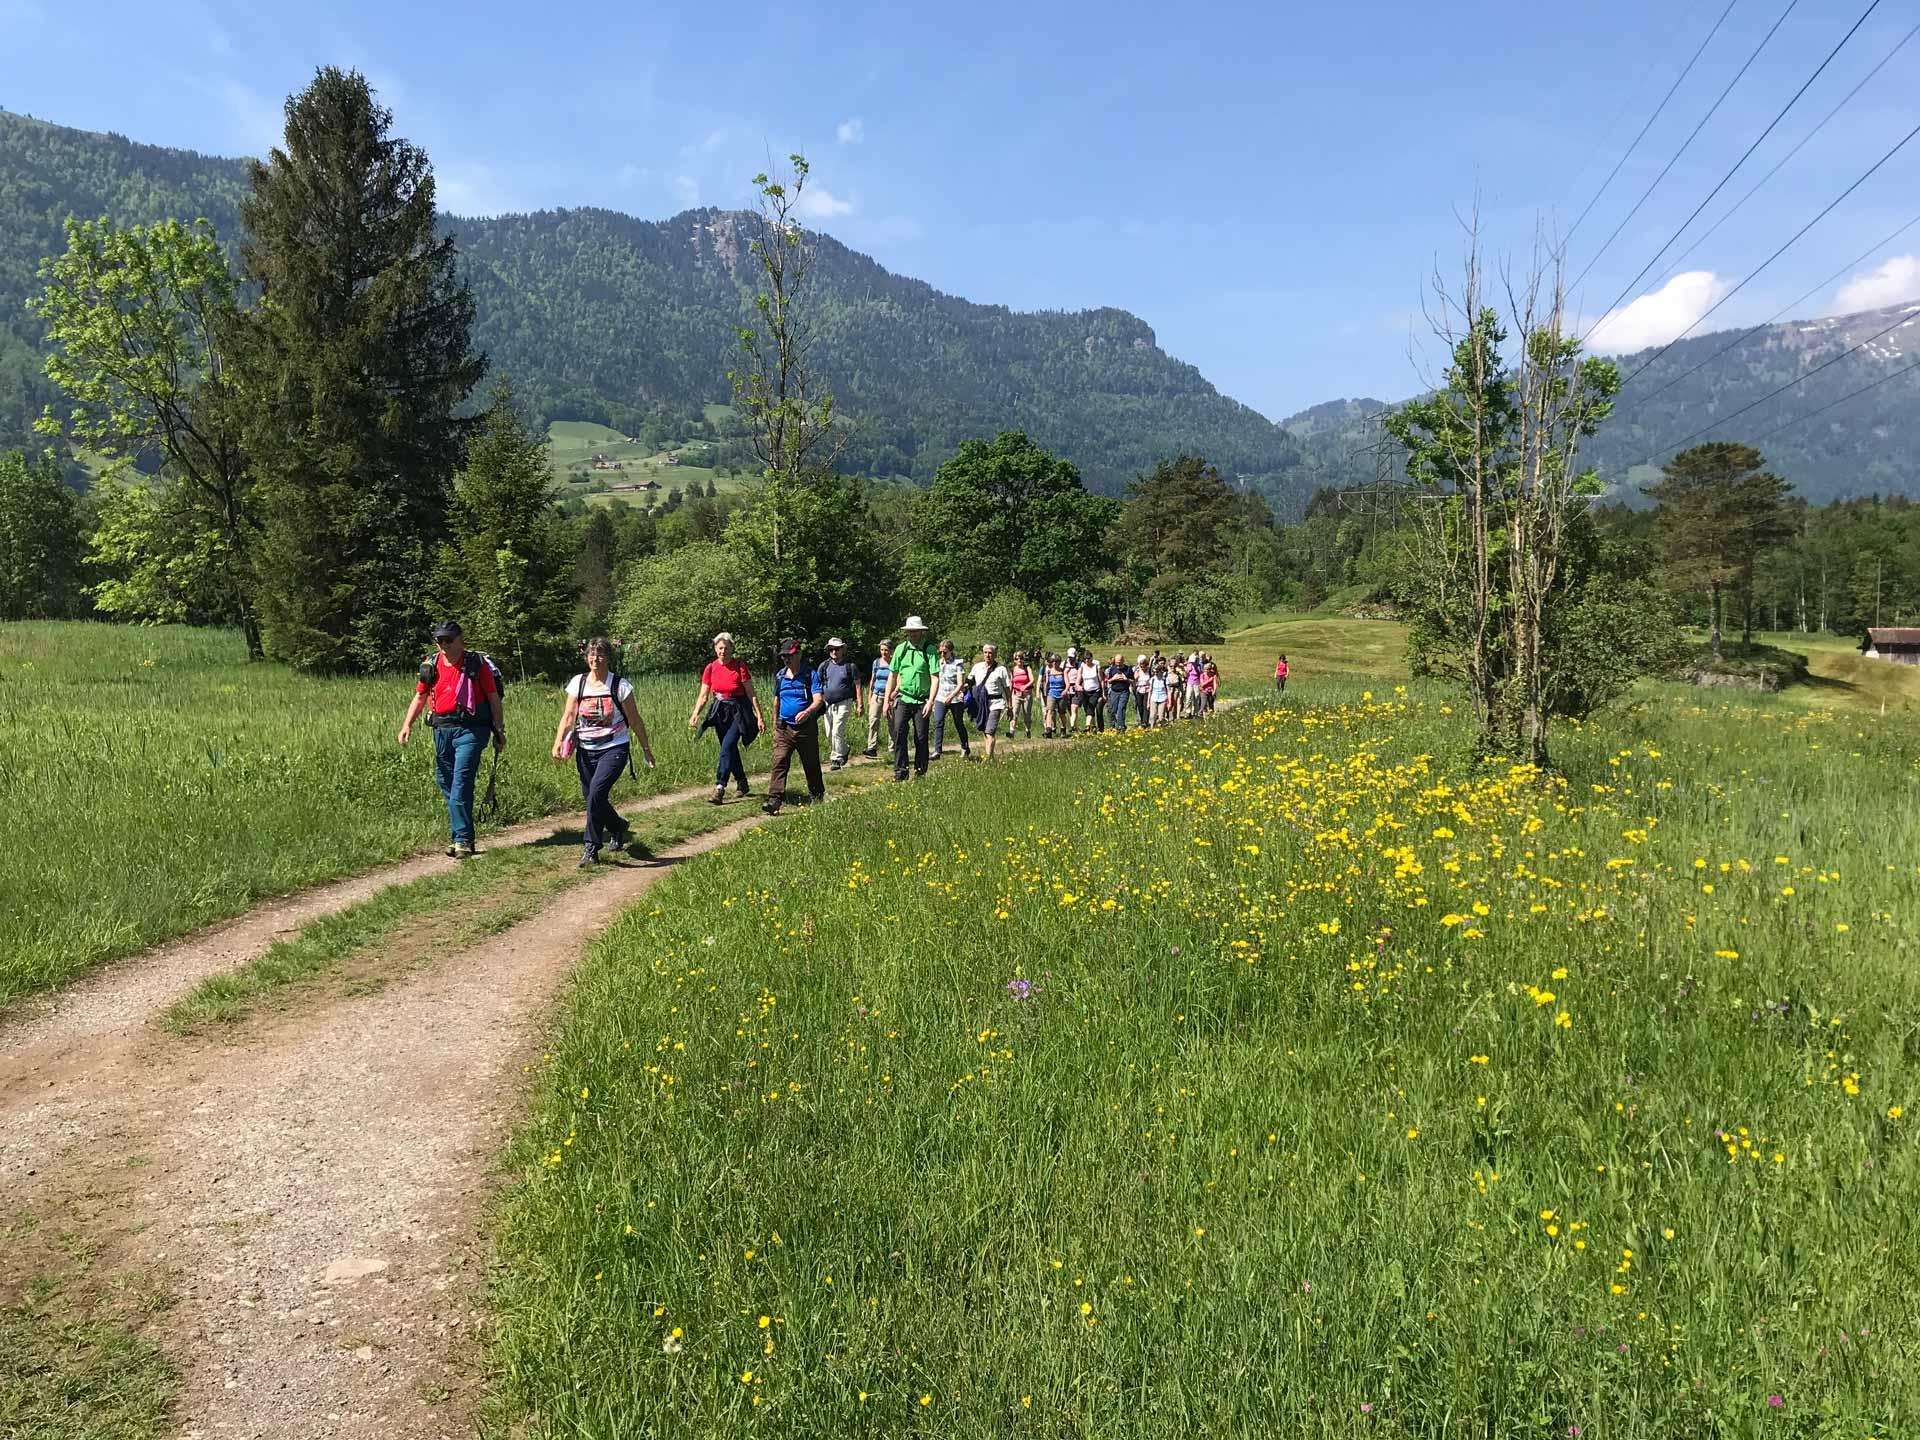 Natur pur:  Auf der Fusswallfahrt 2018 zwischen Arth-Goldau und dem Lauerzersee. | © 2018 Hubert Aregger